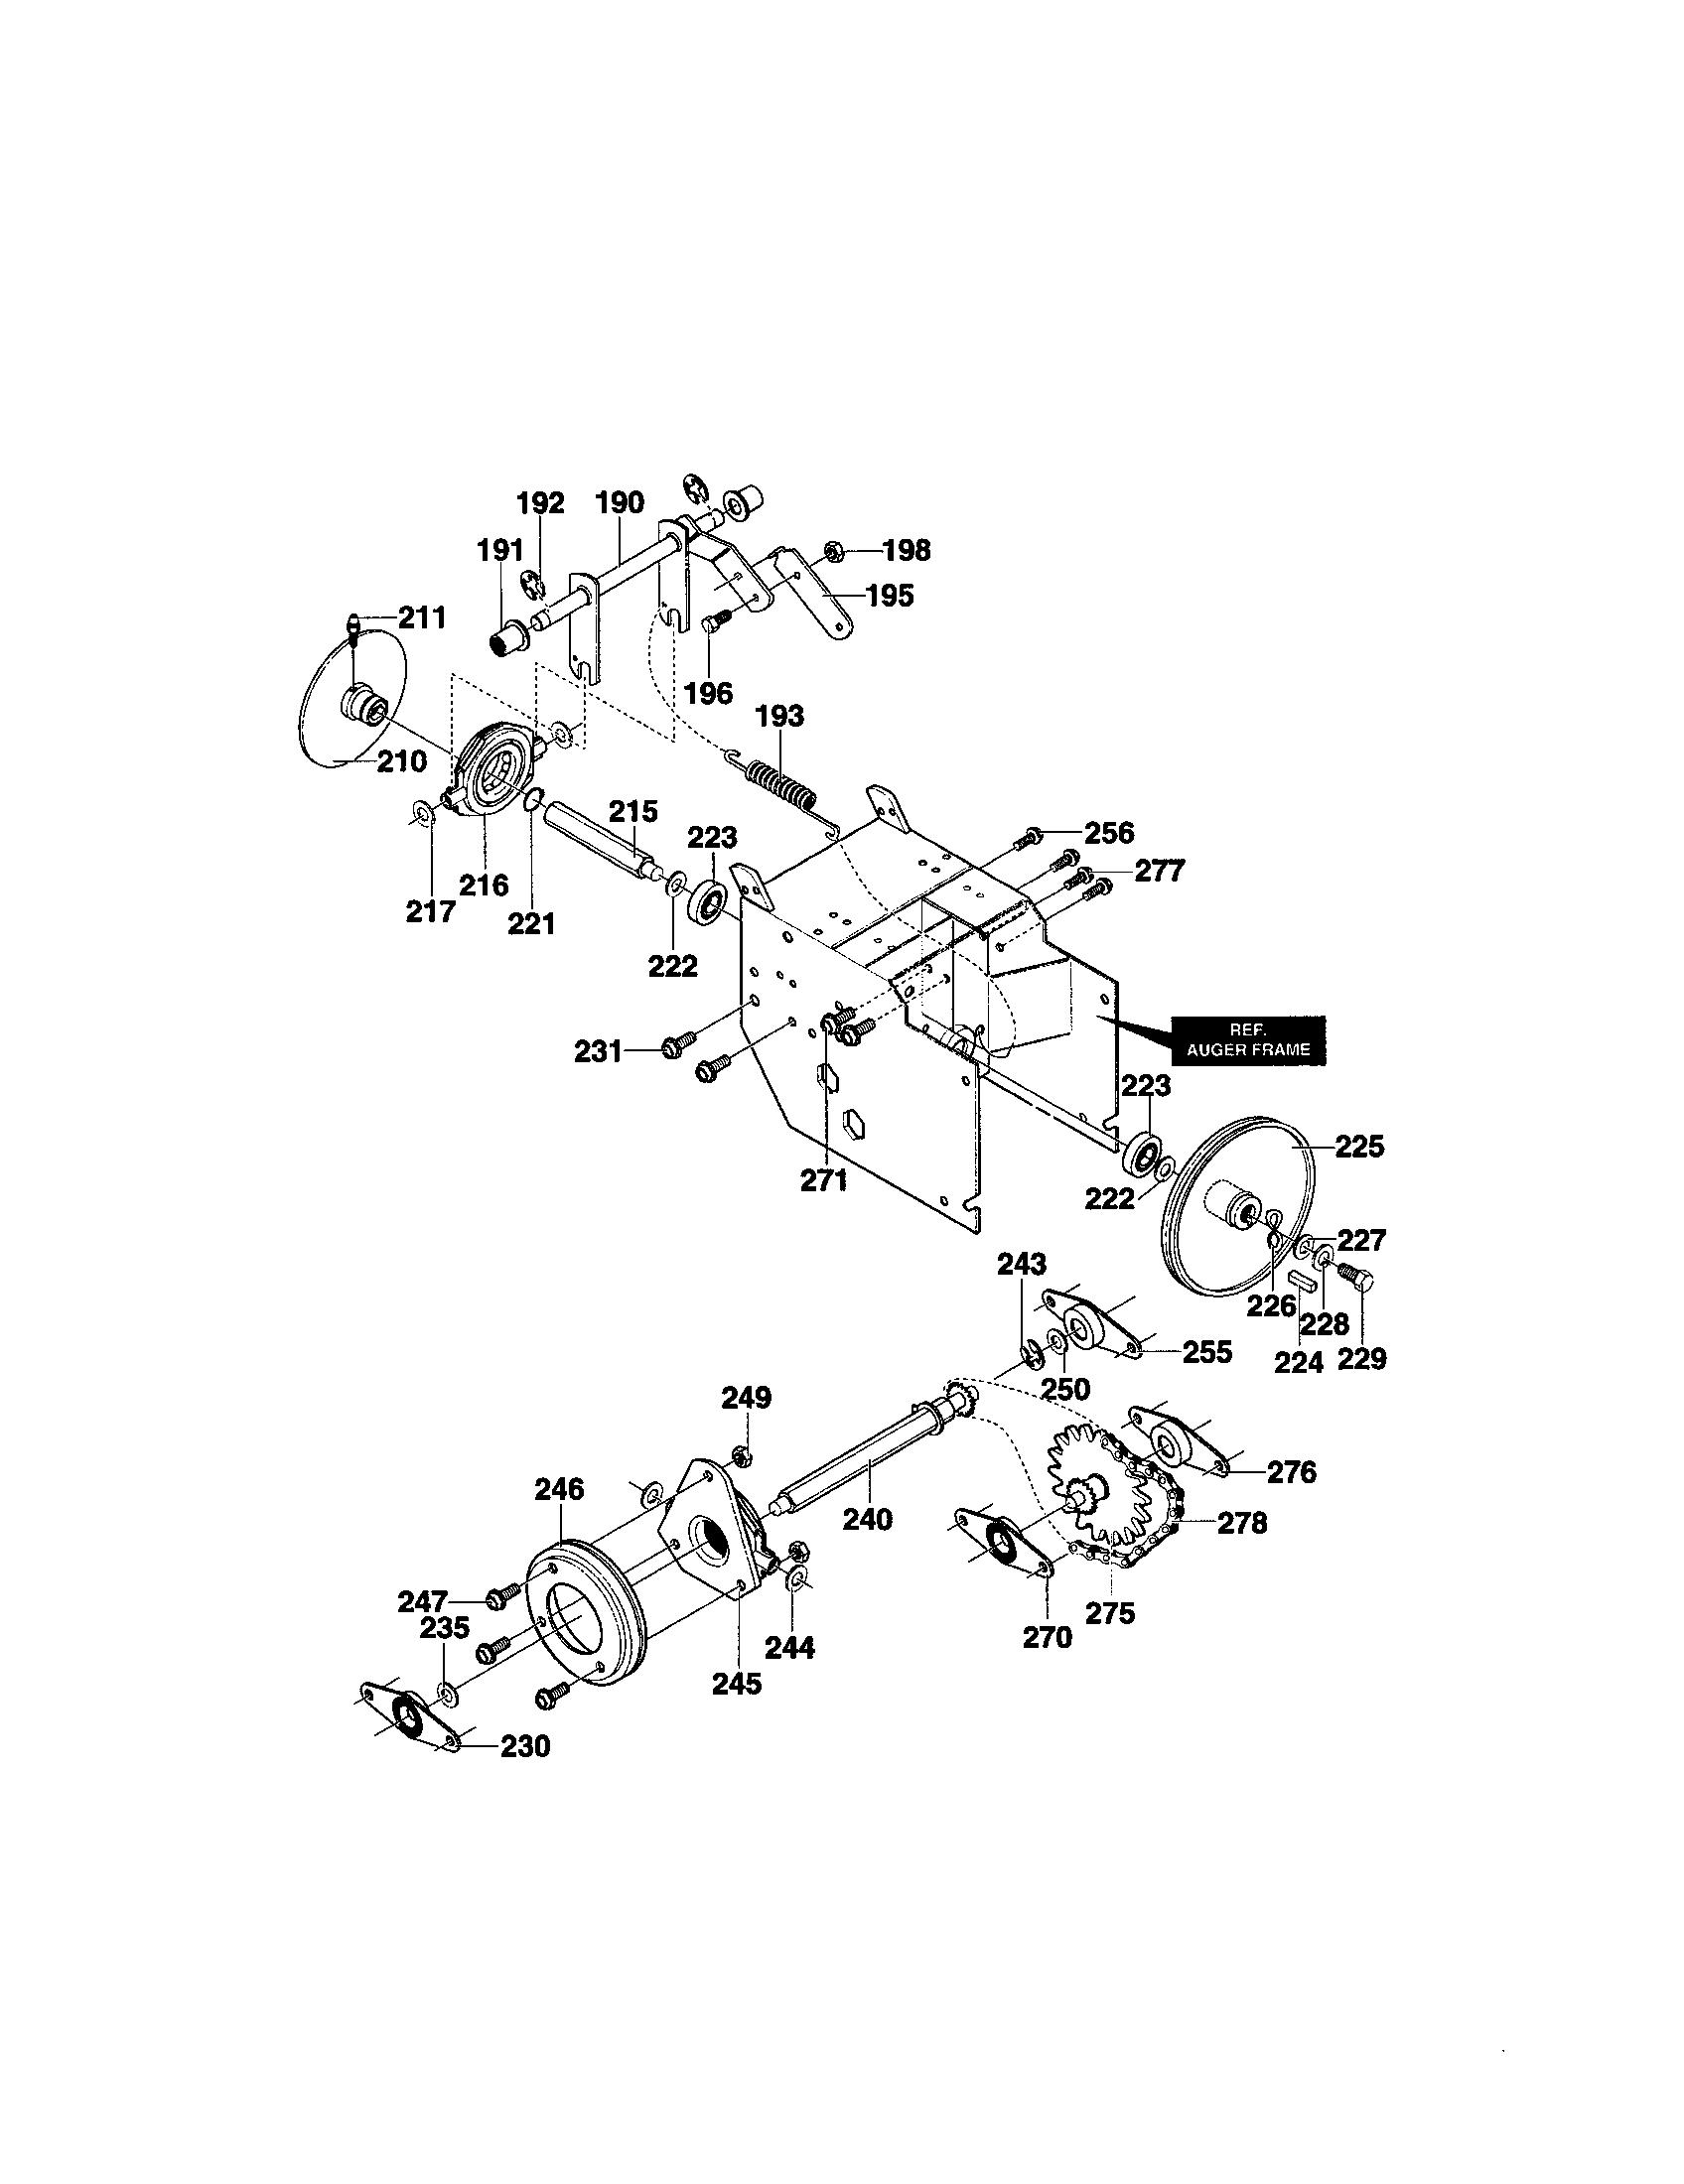 Craftsman 208cc Engine Parts Diagram. Craftsman. Tractor